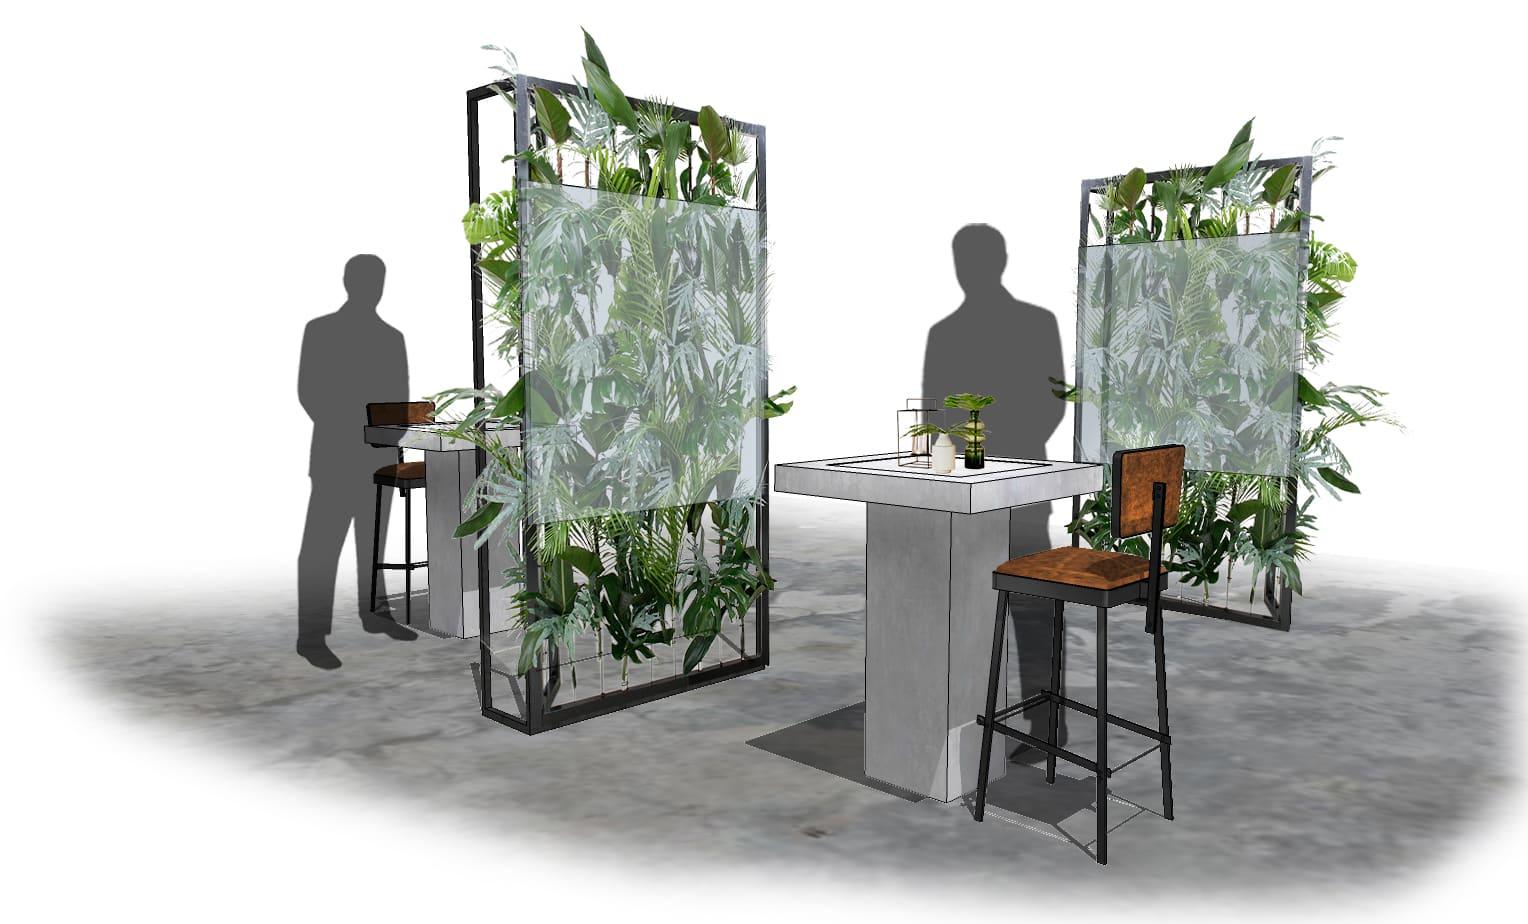 Raumteiler natural Art Raumteiler aus einem Alurahmen mit Grünpflanzen und Plexiglasscheibe von Bas de Boer Eventstyling für social distancing www.BasdeBoer Eventstyling.de  - Raumteiler / Raumtrenner